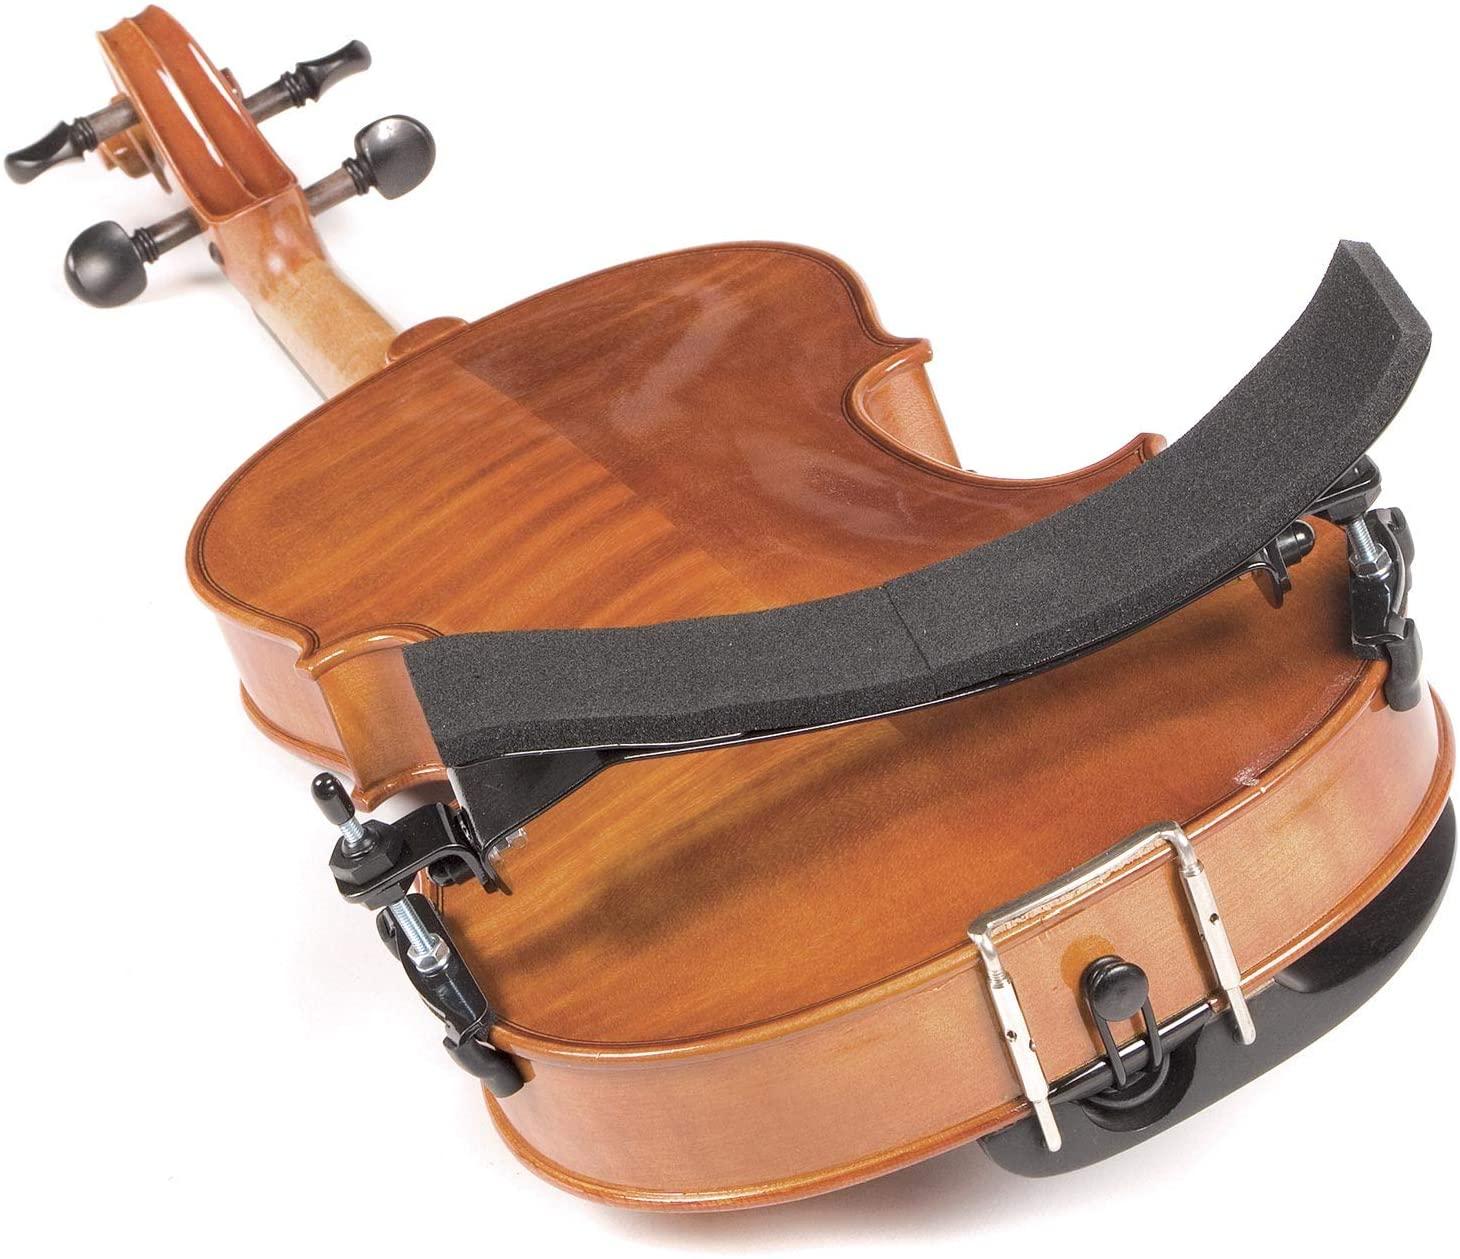 Bonmusica 4/4 Violin Shoulder Rest (1)